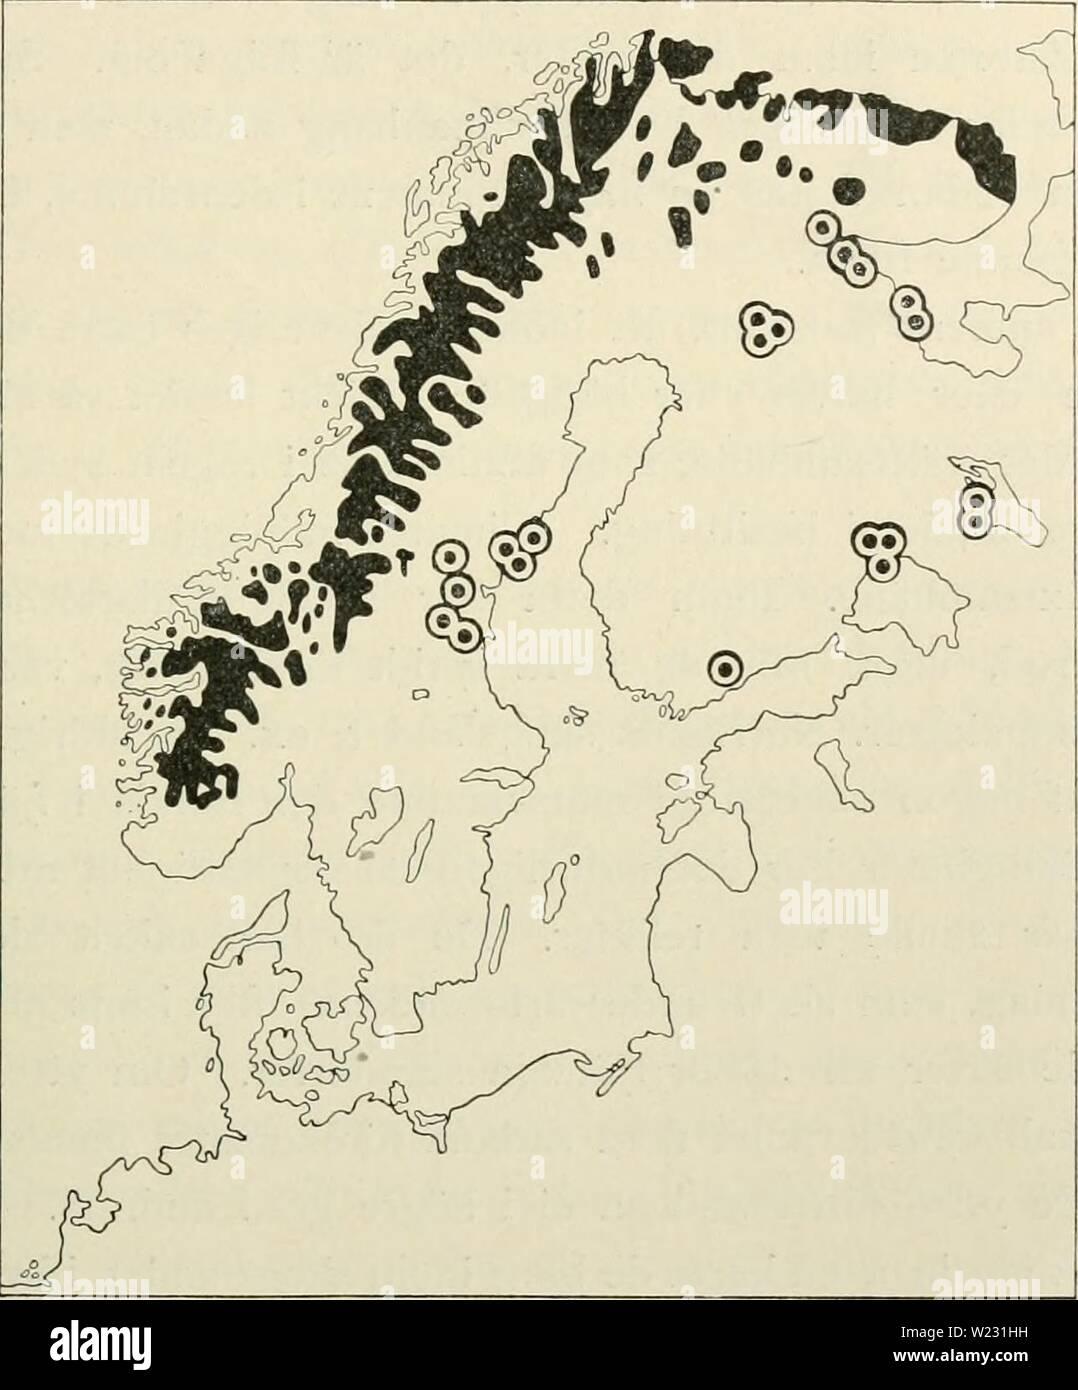 Archive image from page 124 of Den norrländska florans  geografiska. Den norrländska florans : geografiska fördelning och invandringshistoria ; med särskild hänsyn till dess sydskandinaviskar arter  dennorrlndskaf00ande Year: 1912  SYDBERGENS FLORA OCH VEGETATION 107 Vissa undantag torde dock finnas. En del mycket sällsynta arter kunna naturligen från rent växtgeografisk synpunkt betecknas som relikter, äfven om de icke äro det fi-än ekologisk. Ett exempel härpå är Potentilla nivca, som BlRGER funnit i yppig utbildning i Medskogsberget i Härje- dalen inom barrskogsregionen åtminstone något hun Stock Photo